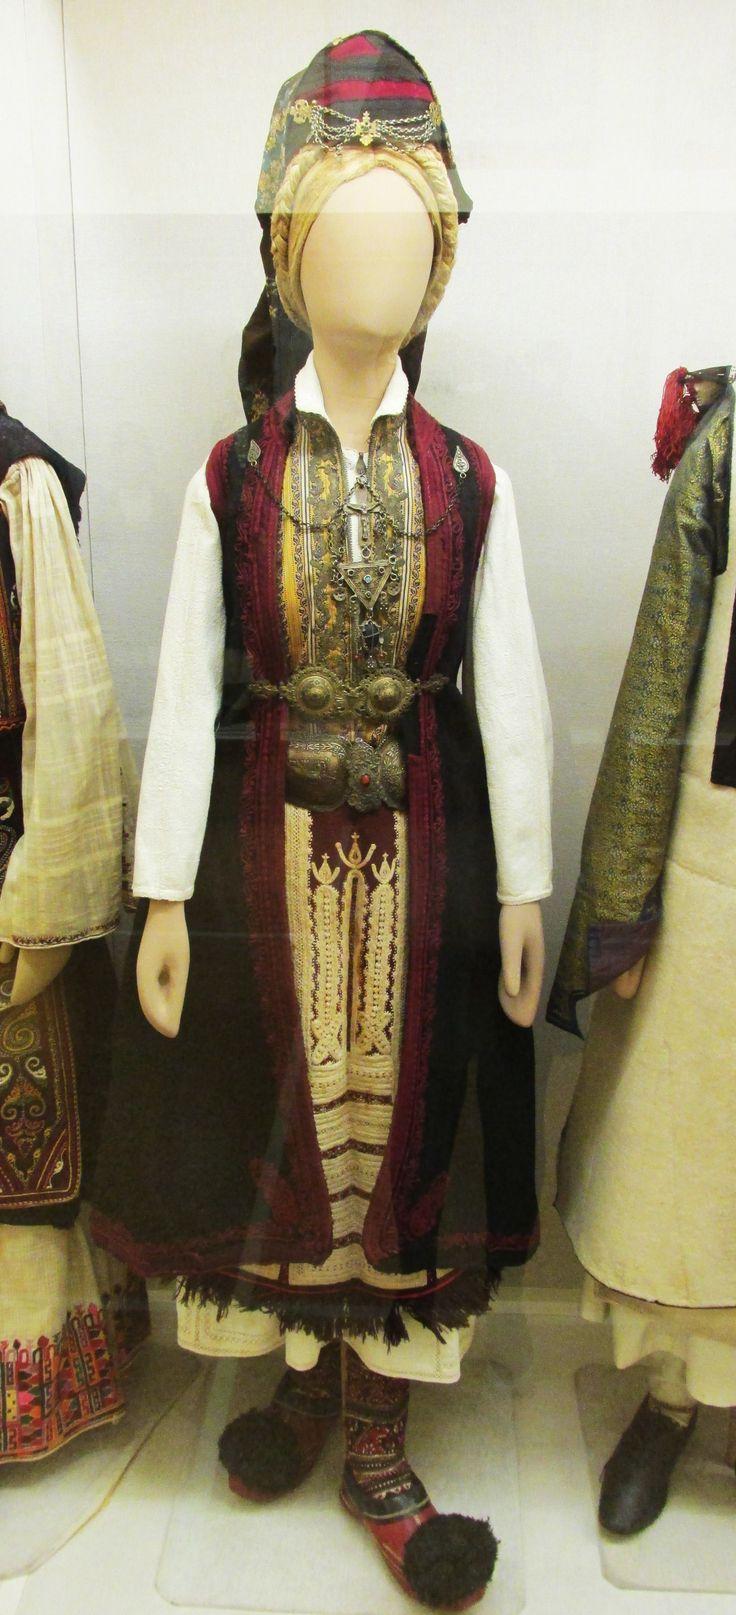 Γυναικεία παραδοσιακή φορεσιά απο το Σούλι της Ηπείρου.(Εθνικό Ιστορικό Μουσείο,Αθήνα)